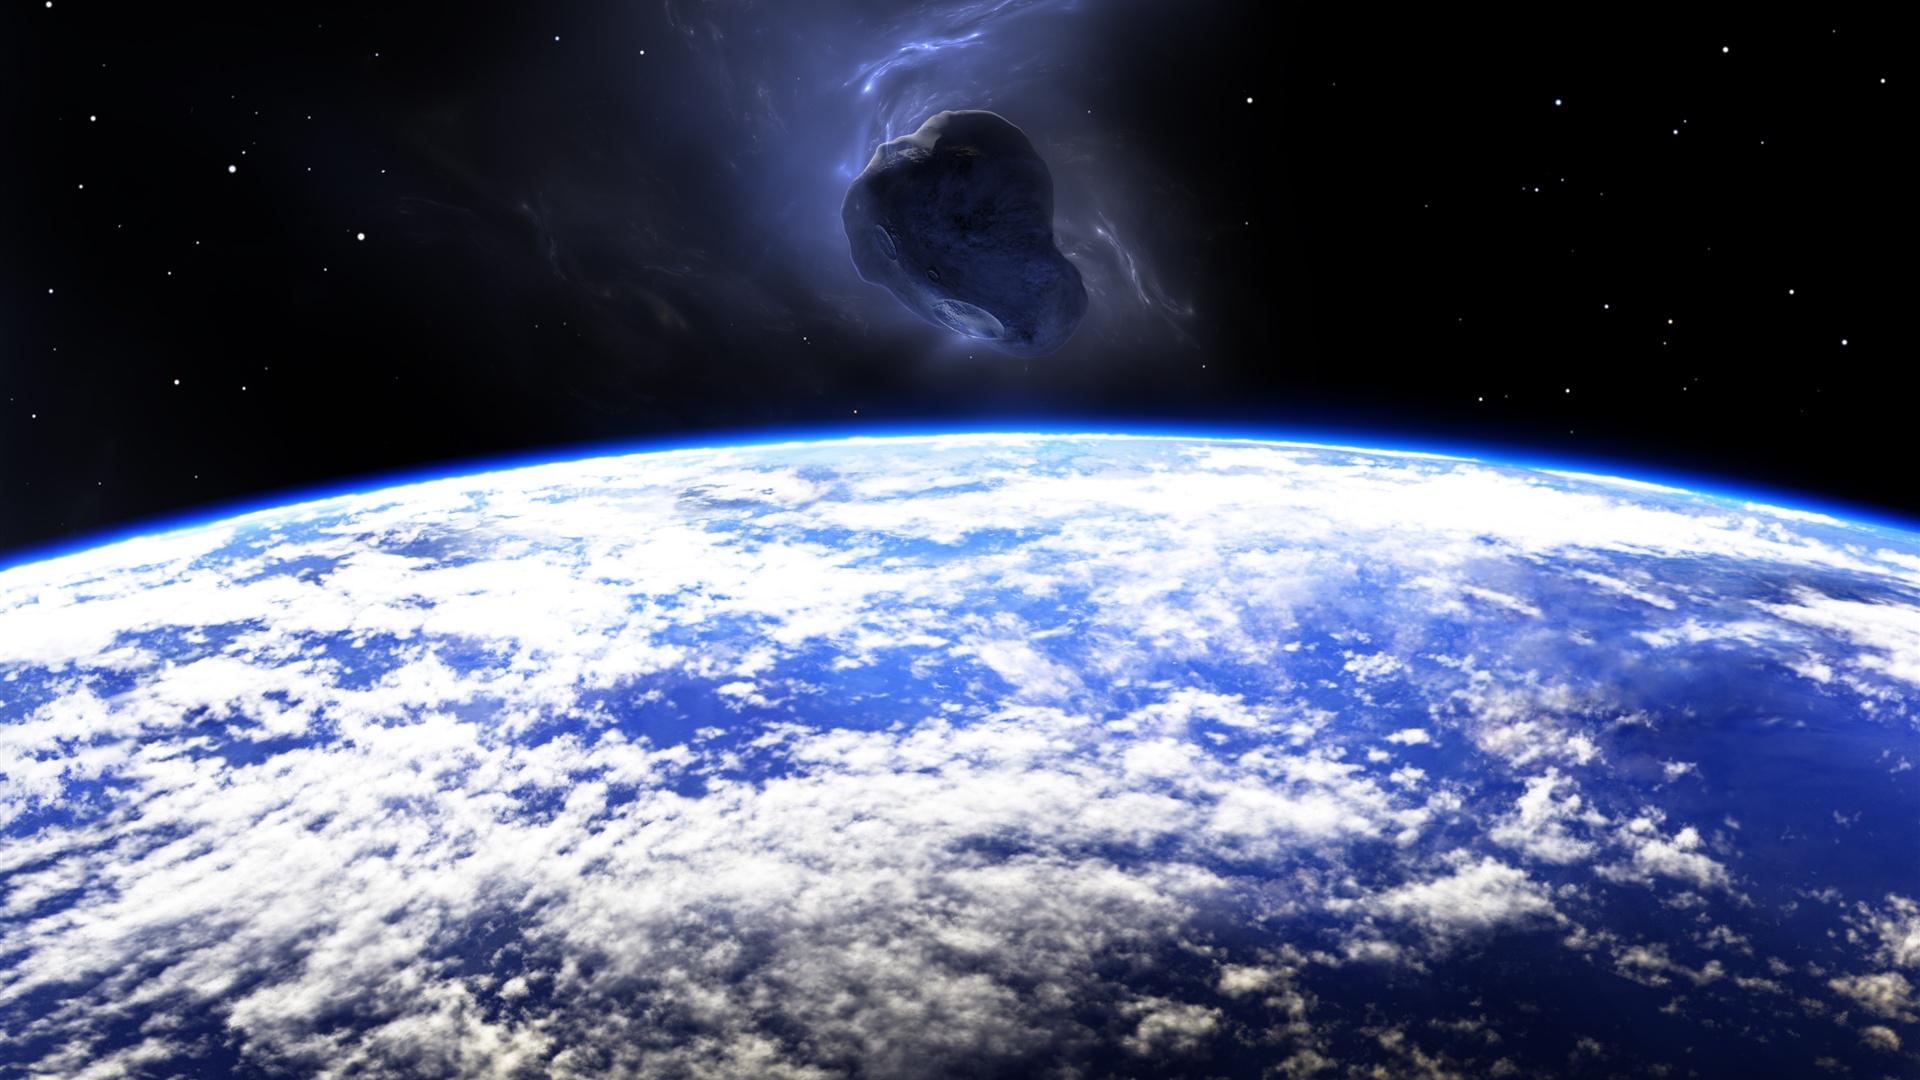 Fondos De Pantalla Planeta, Tierra, Meteorito, Espacio